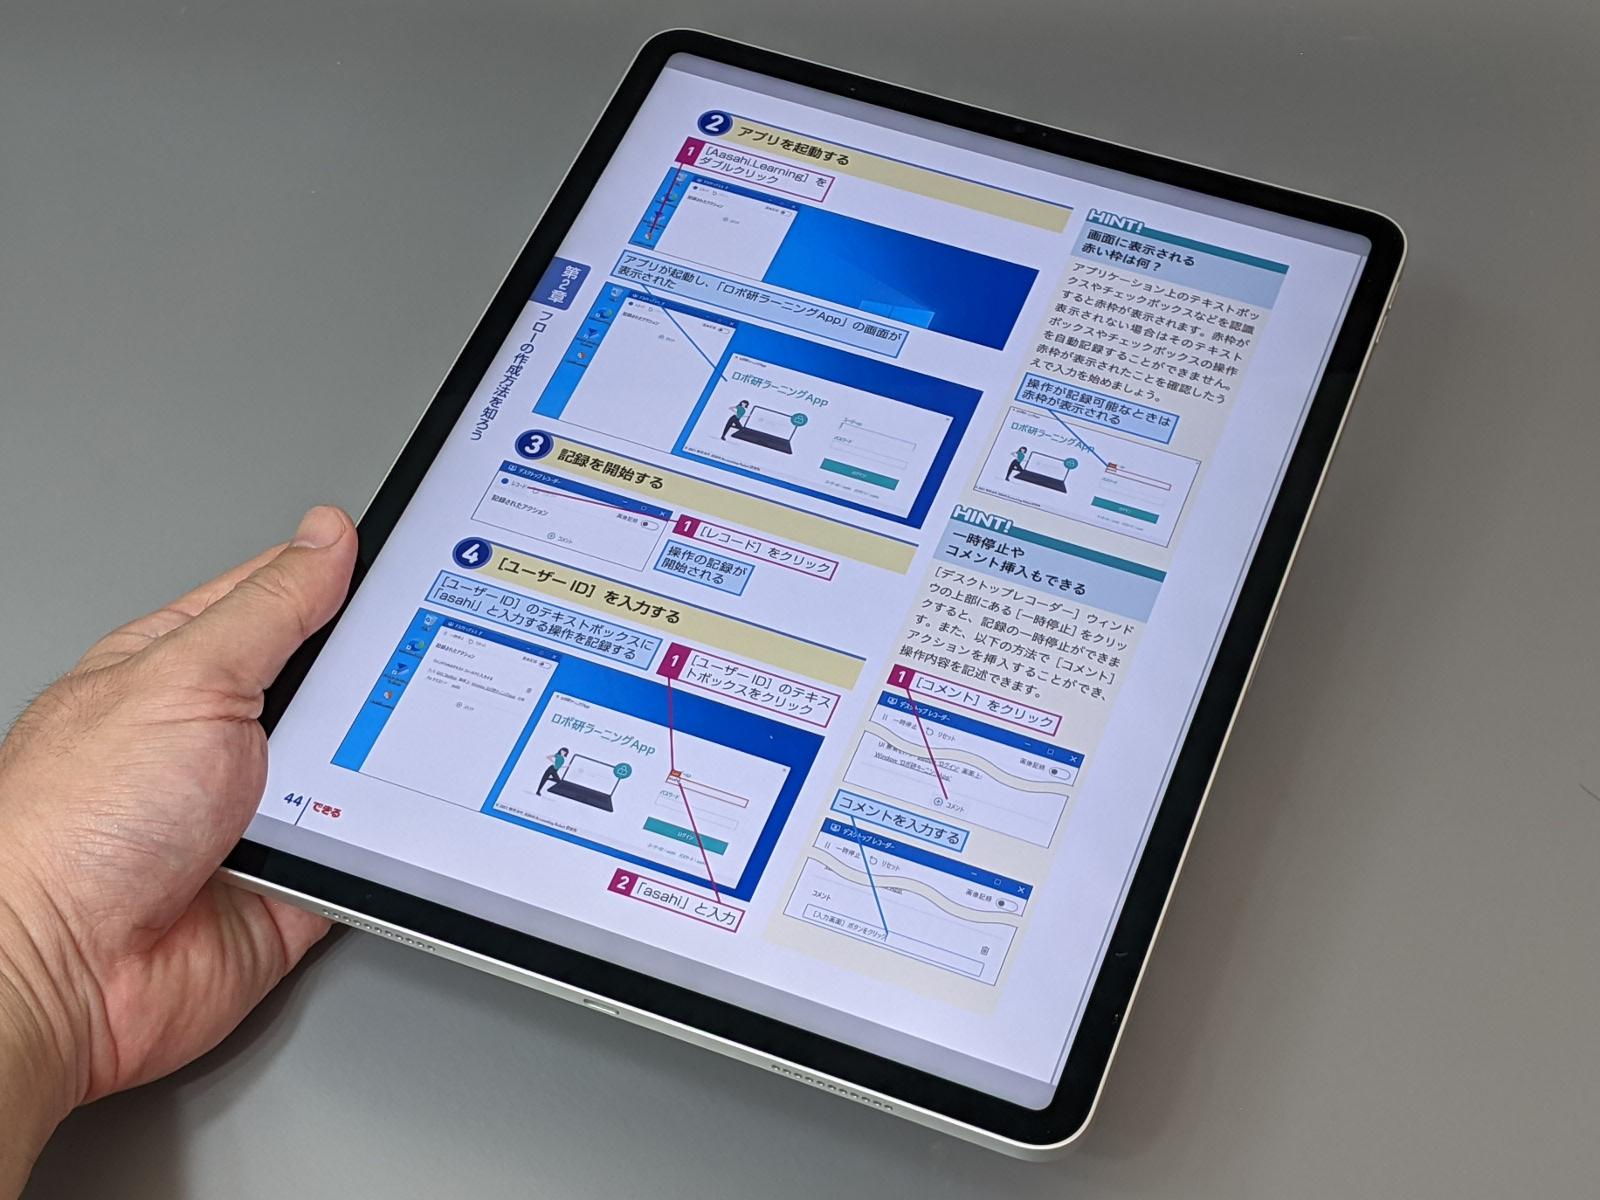 12.9インチiPad Pro。画面の実サイズは196×262mm。A4よりひとまわり小さいサイズだ